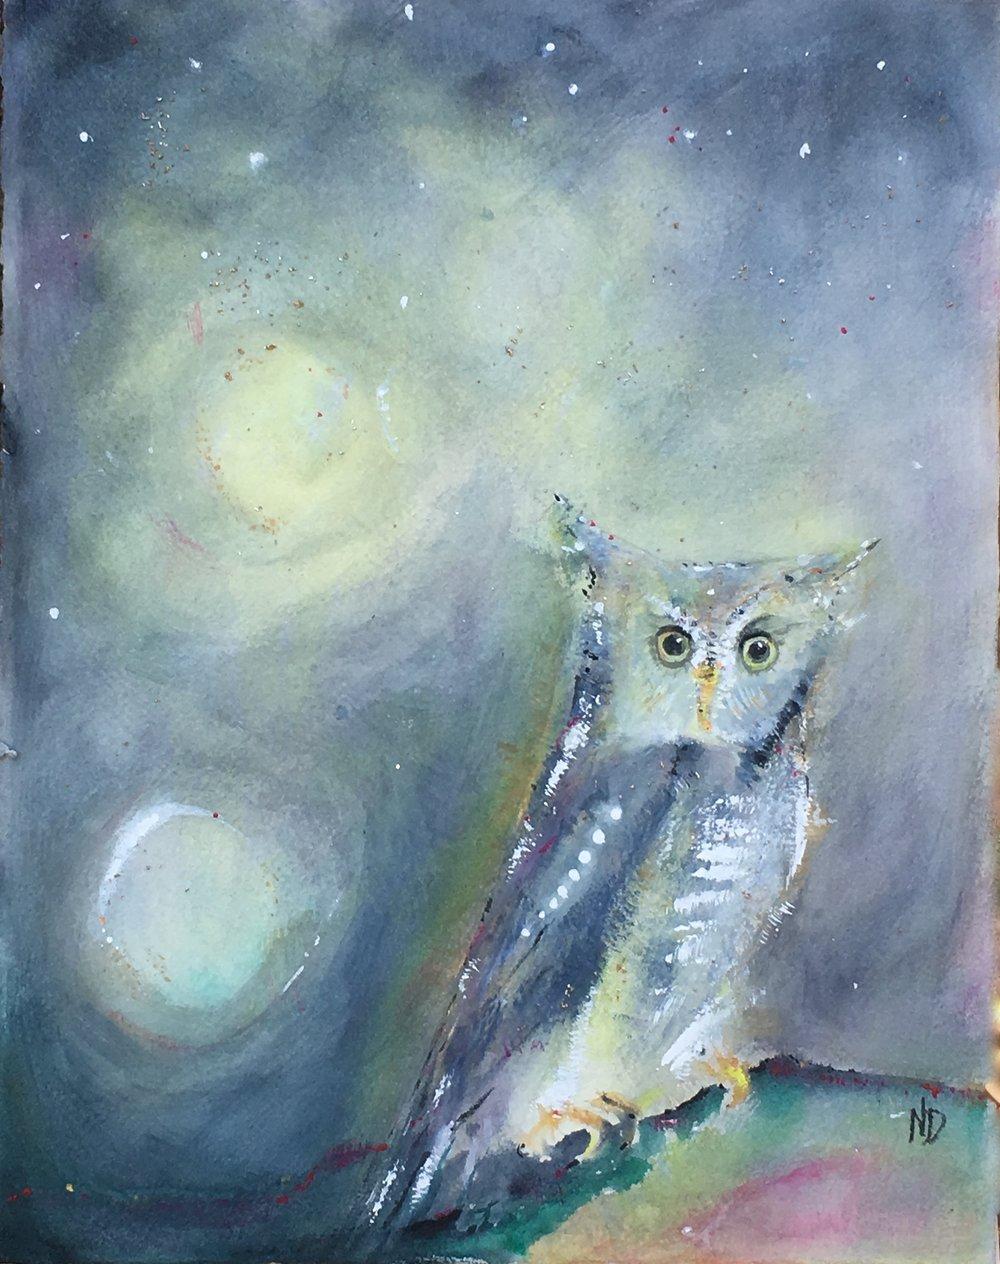 screech owl esopus creek